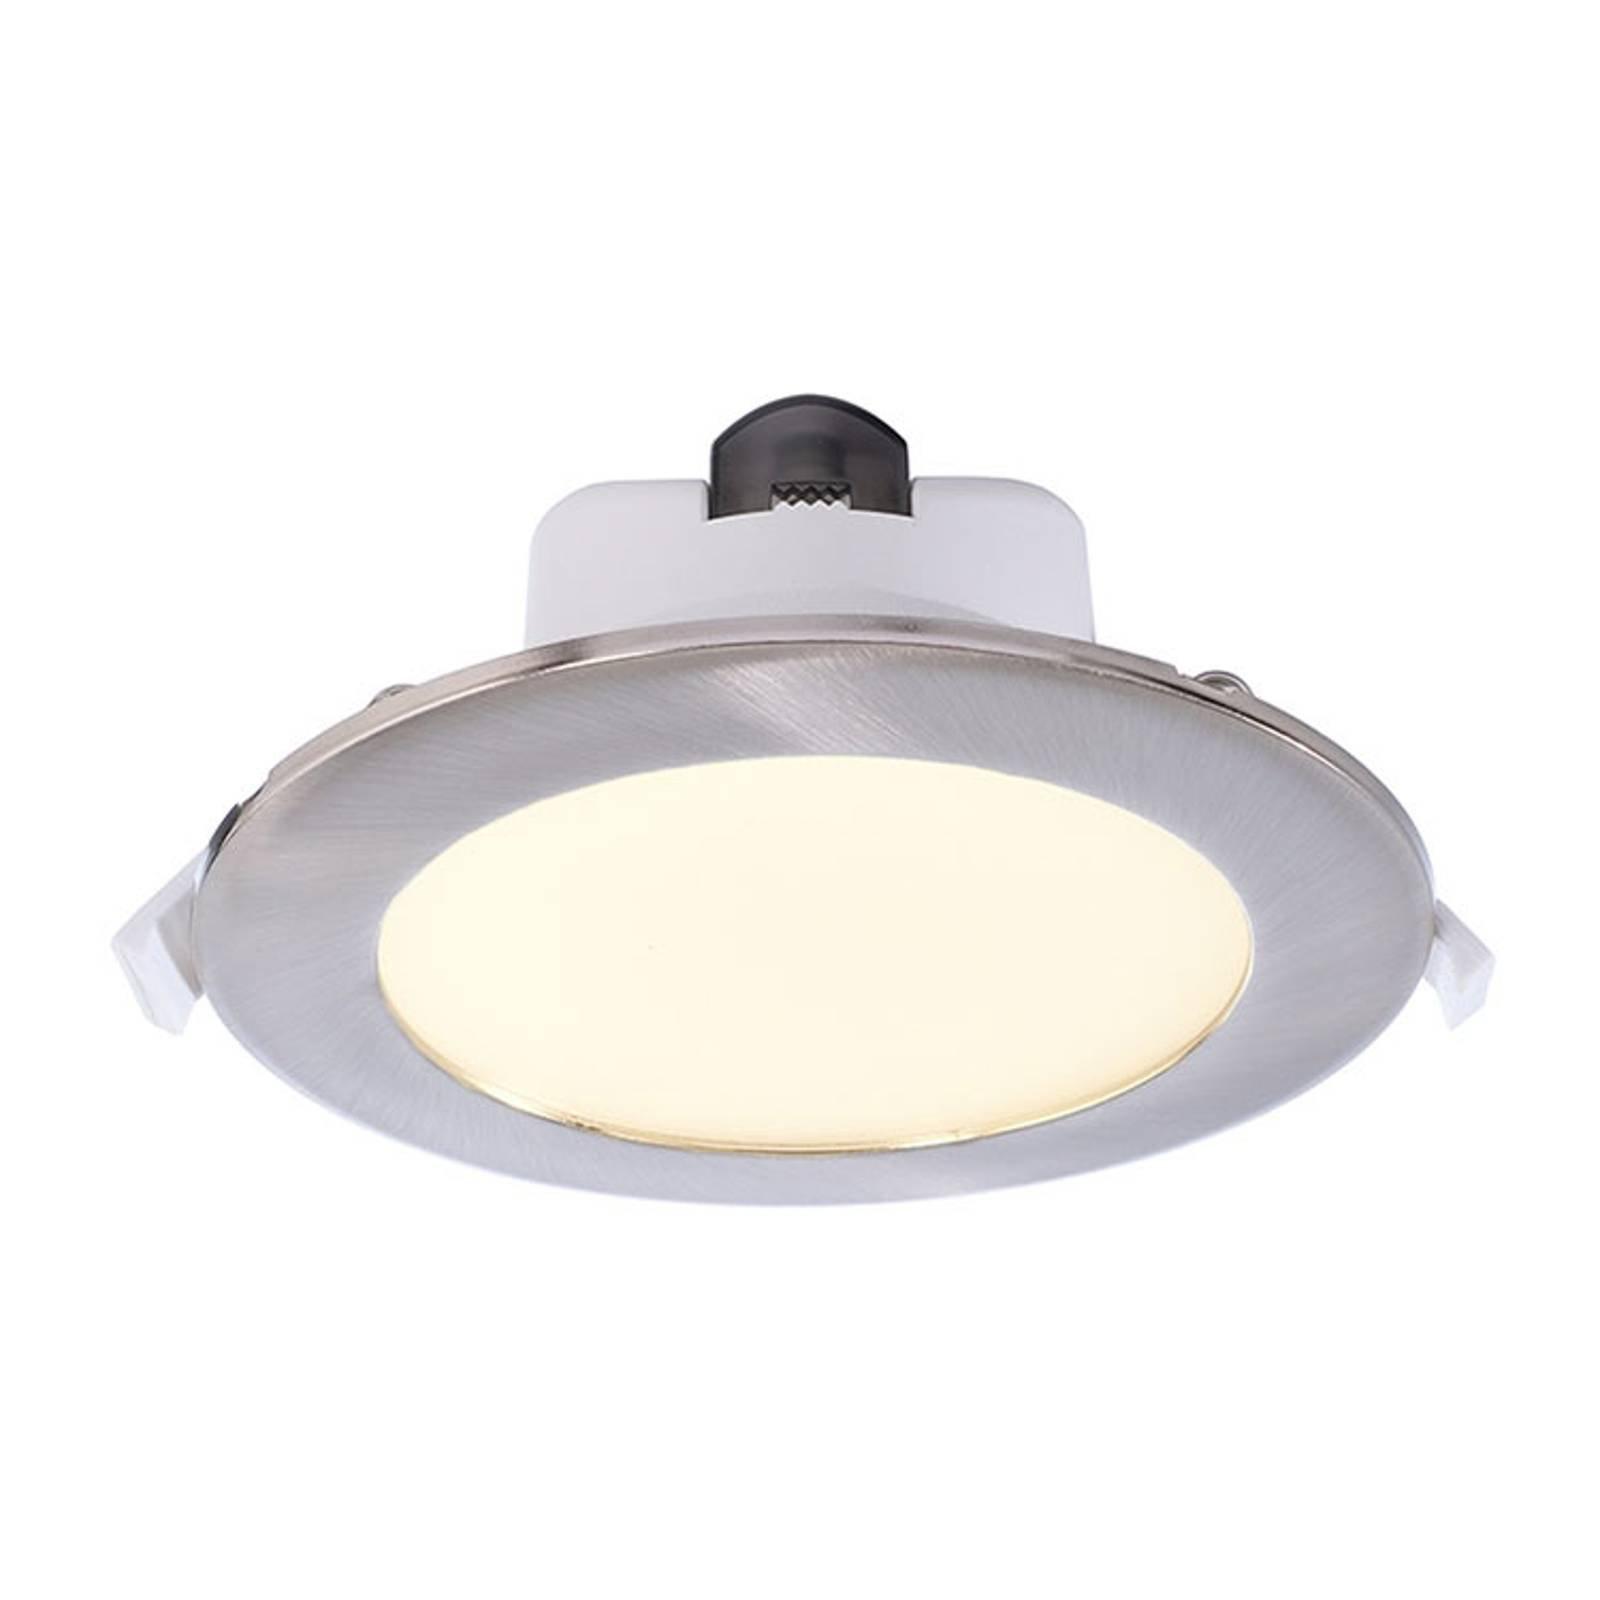 Innfelt taklampe Akrux 120